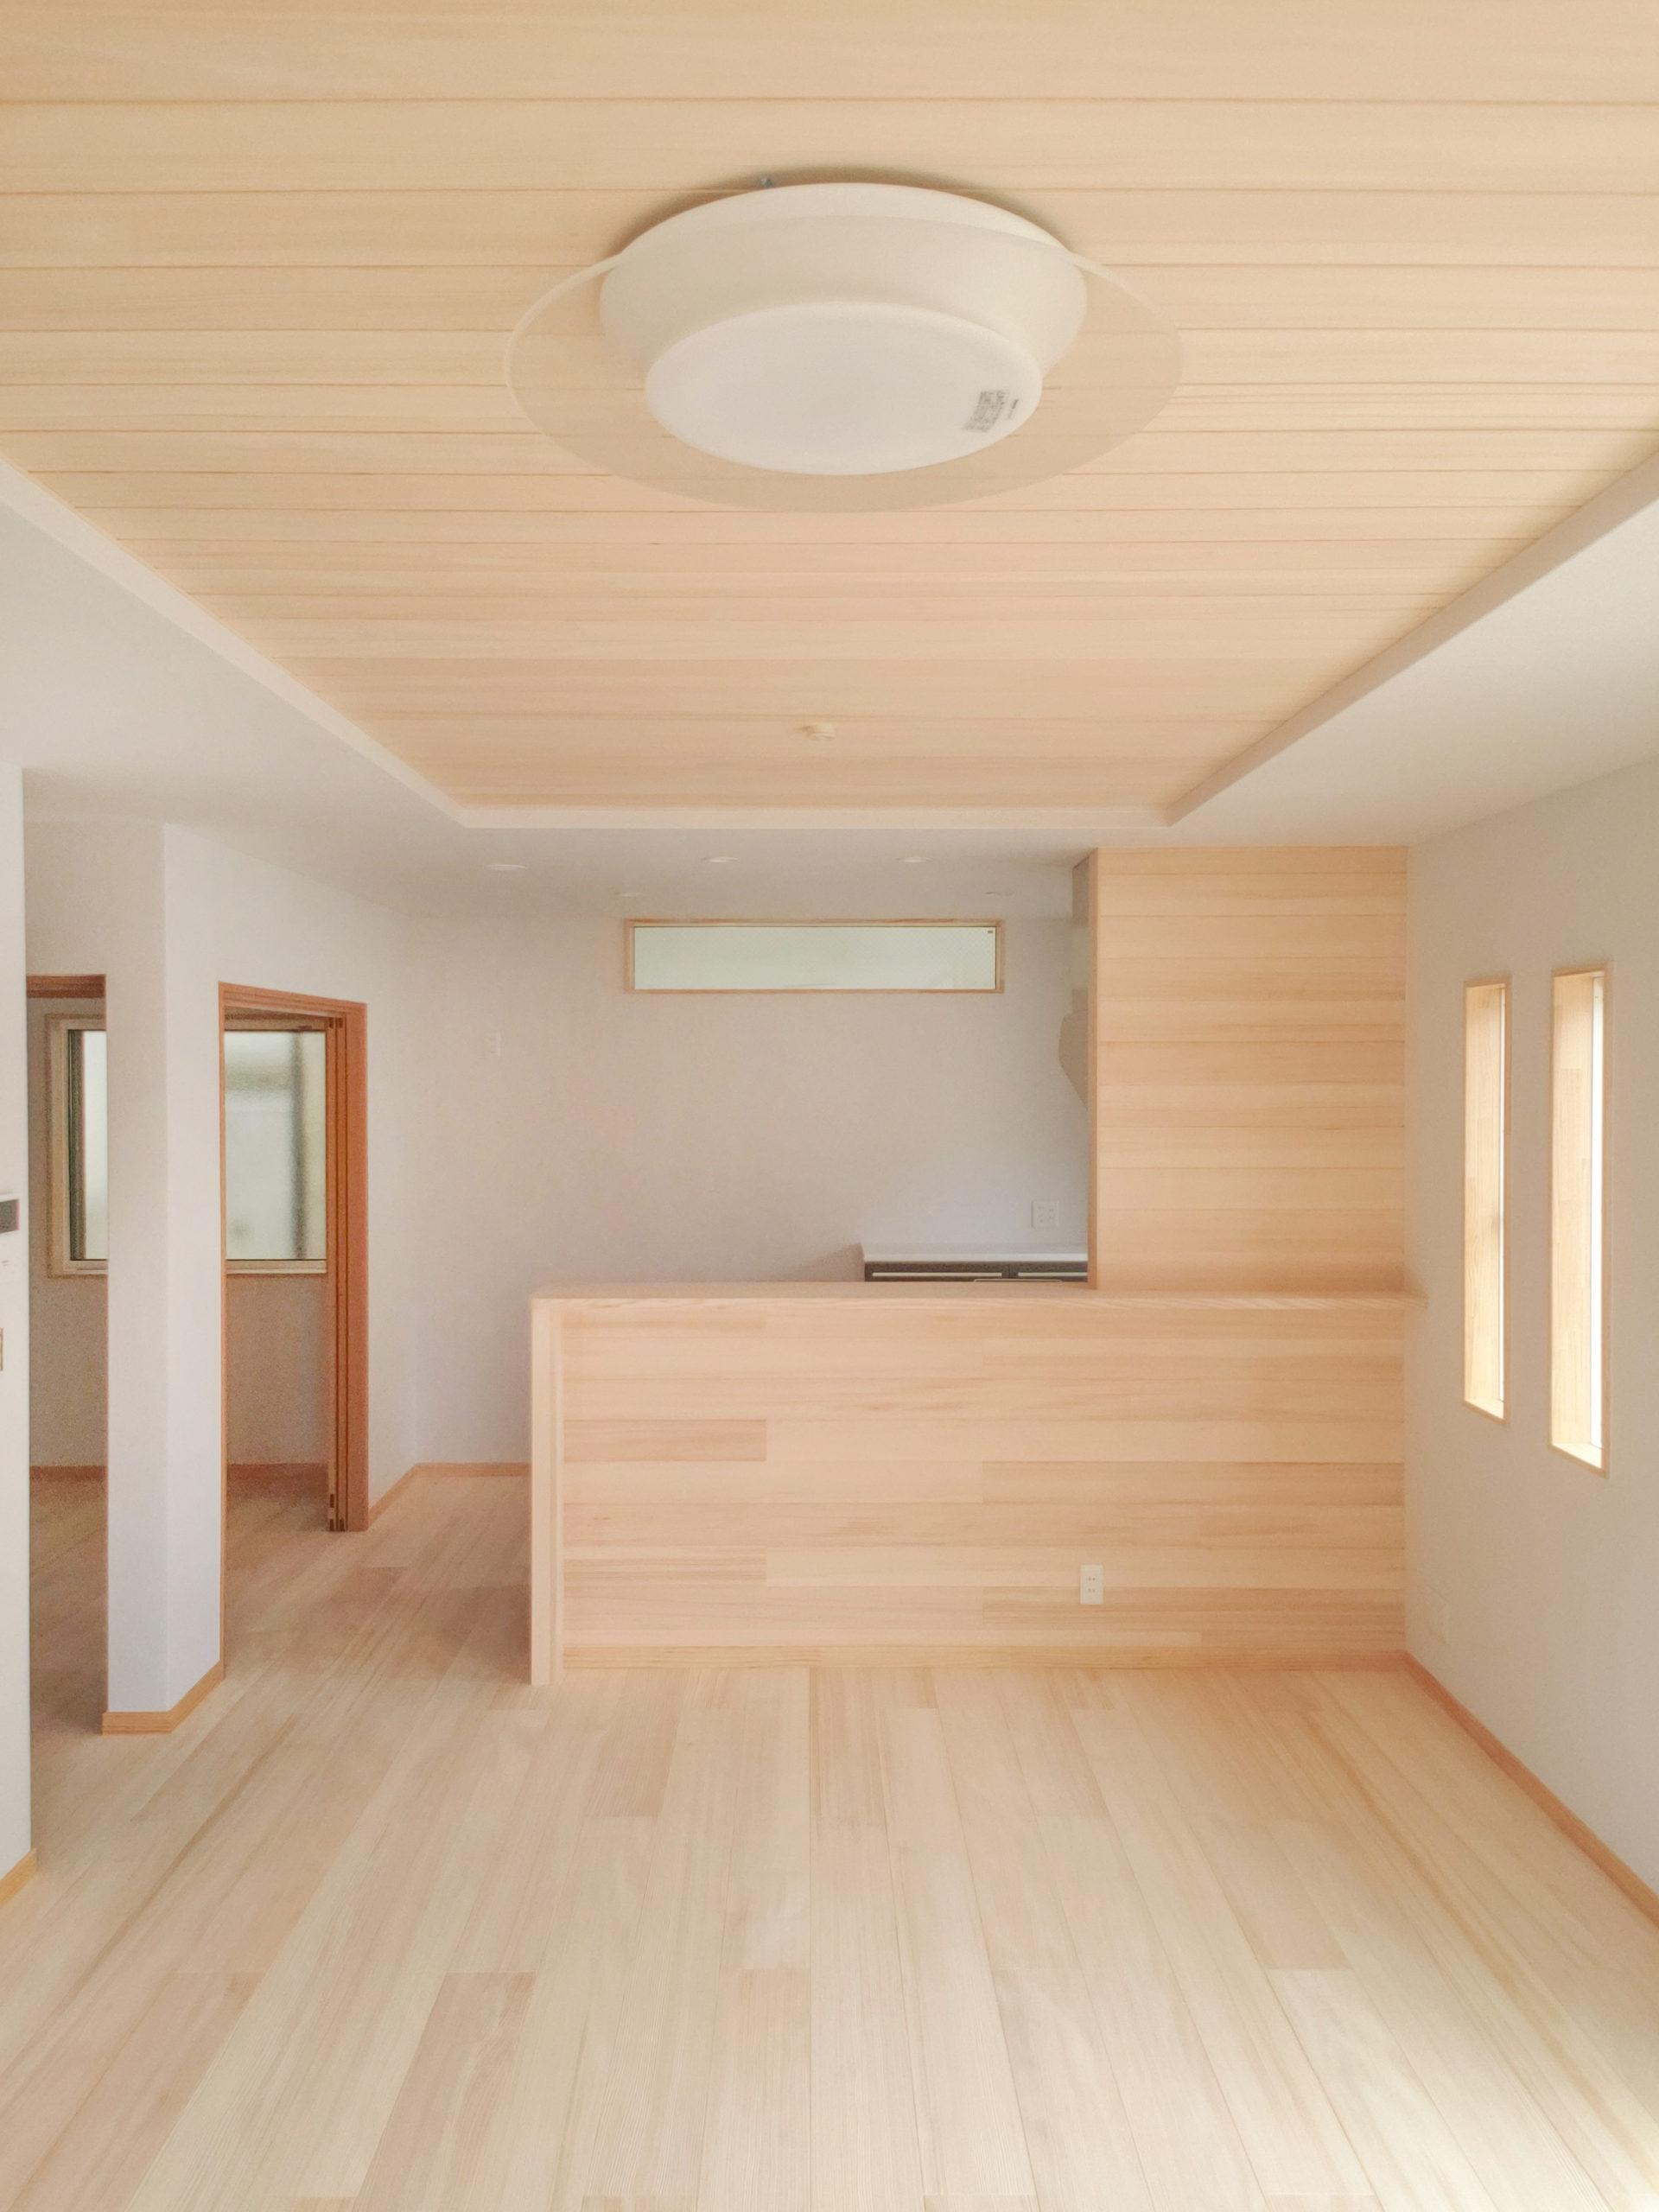 <p>内装材はドイツ製の壁紙。 ウッドチップと新聞再生紙で出来た環境にやさしい壁紙です。</p> <p>結露や壁の発生を抑えます。 汚れたら貼替ではなく、上から専用塗料で重ね塗りをします。</p> <p>もみの木の内装材は消臭、調湿してくれます。</p> <p>共に健康にも環境にも良い内装材で仕上げることで、心地よい空間になります。</p>